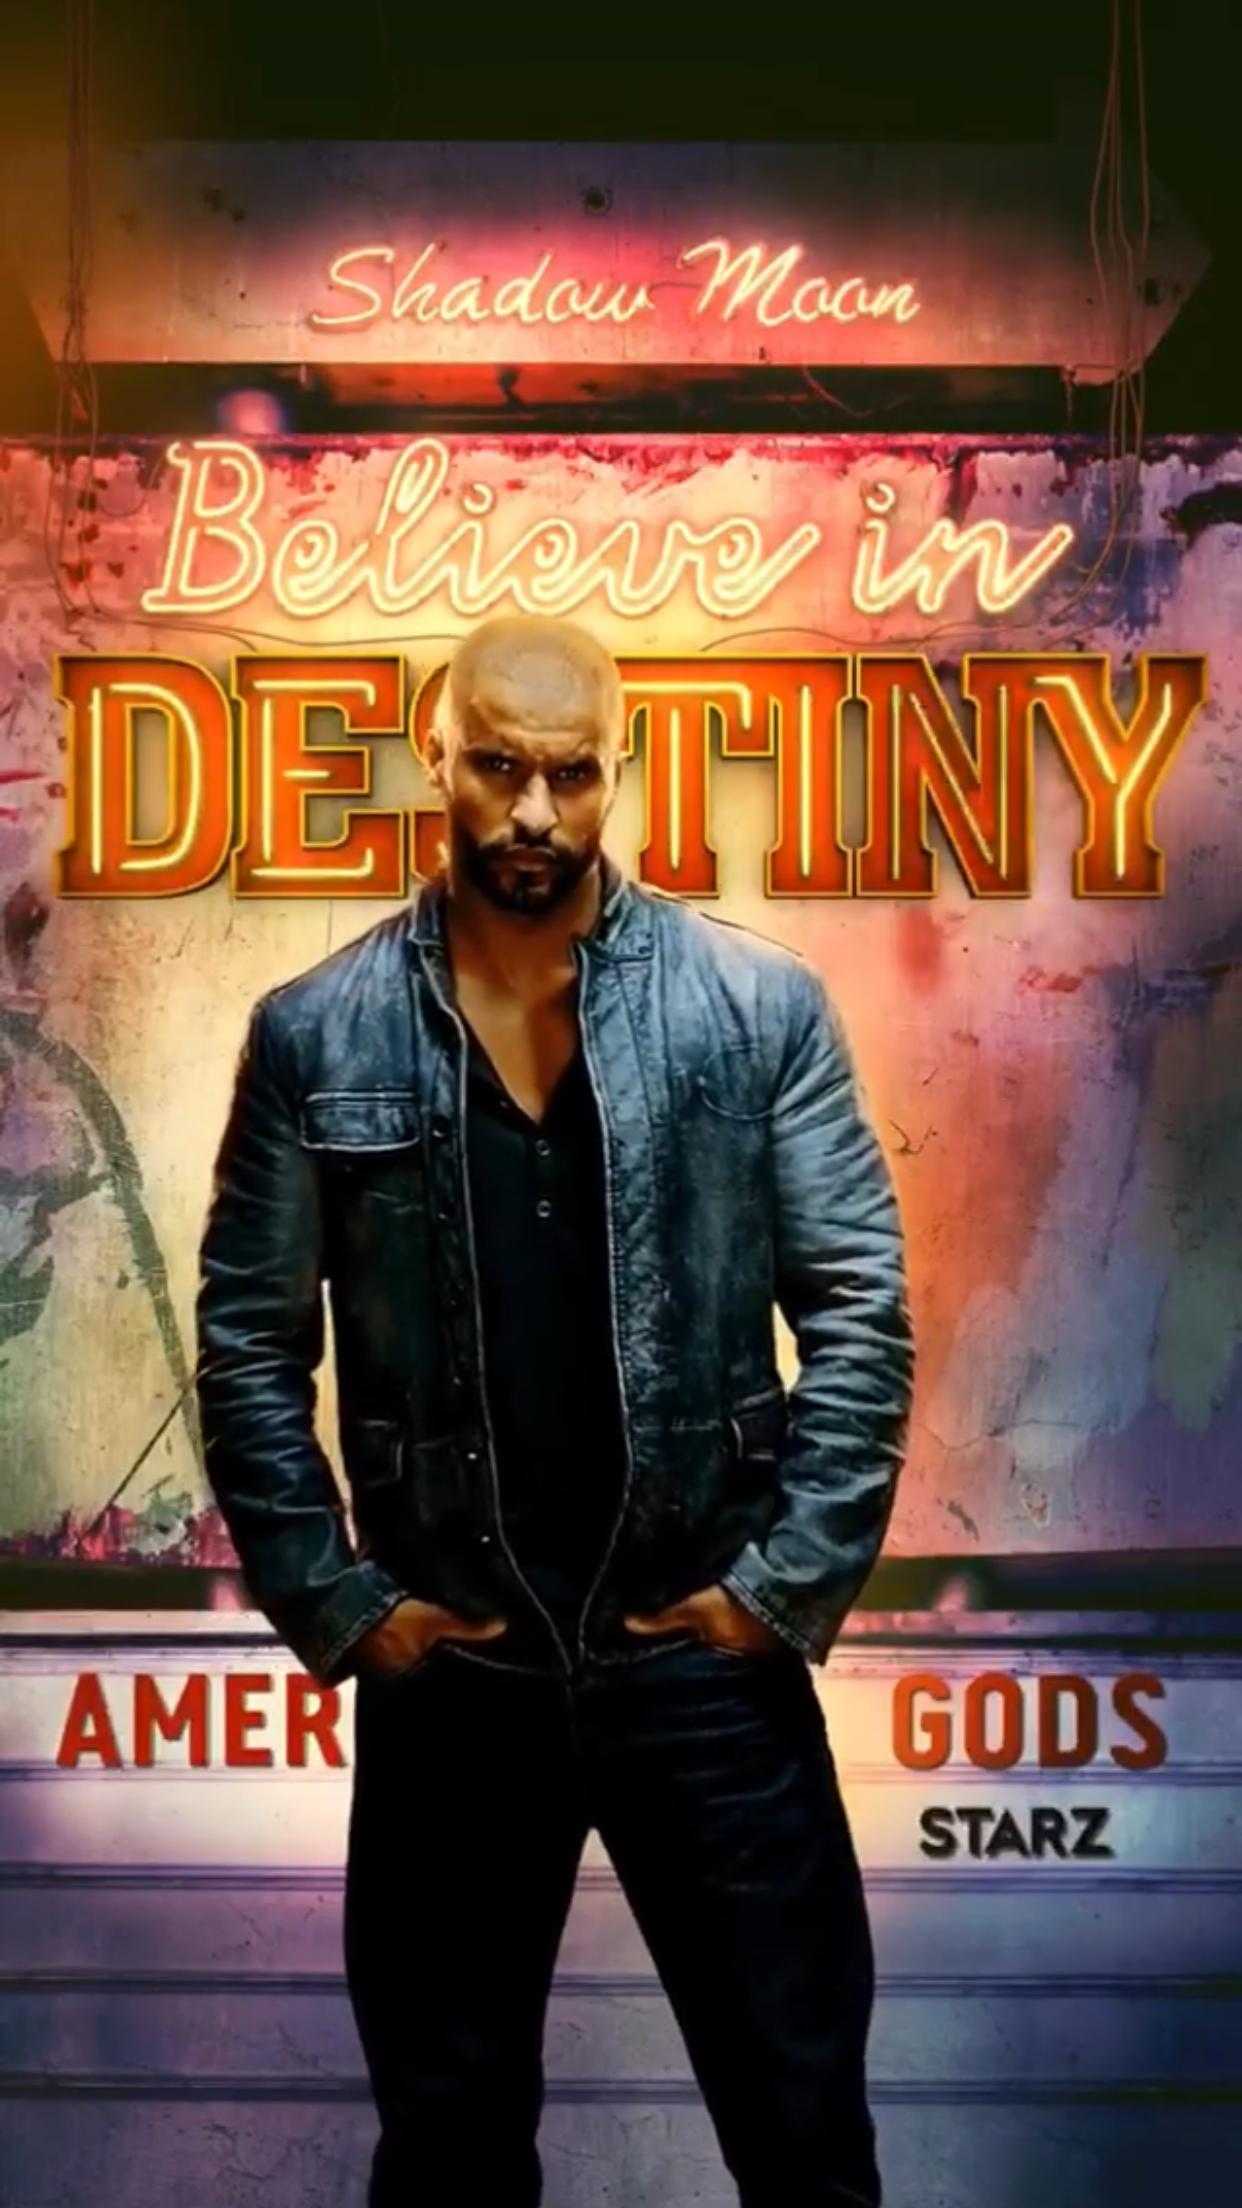 American Gods: Shadow Moon | Multifandom in 2019 | American